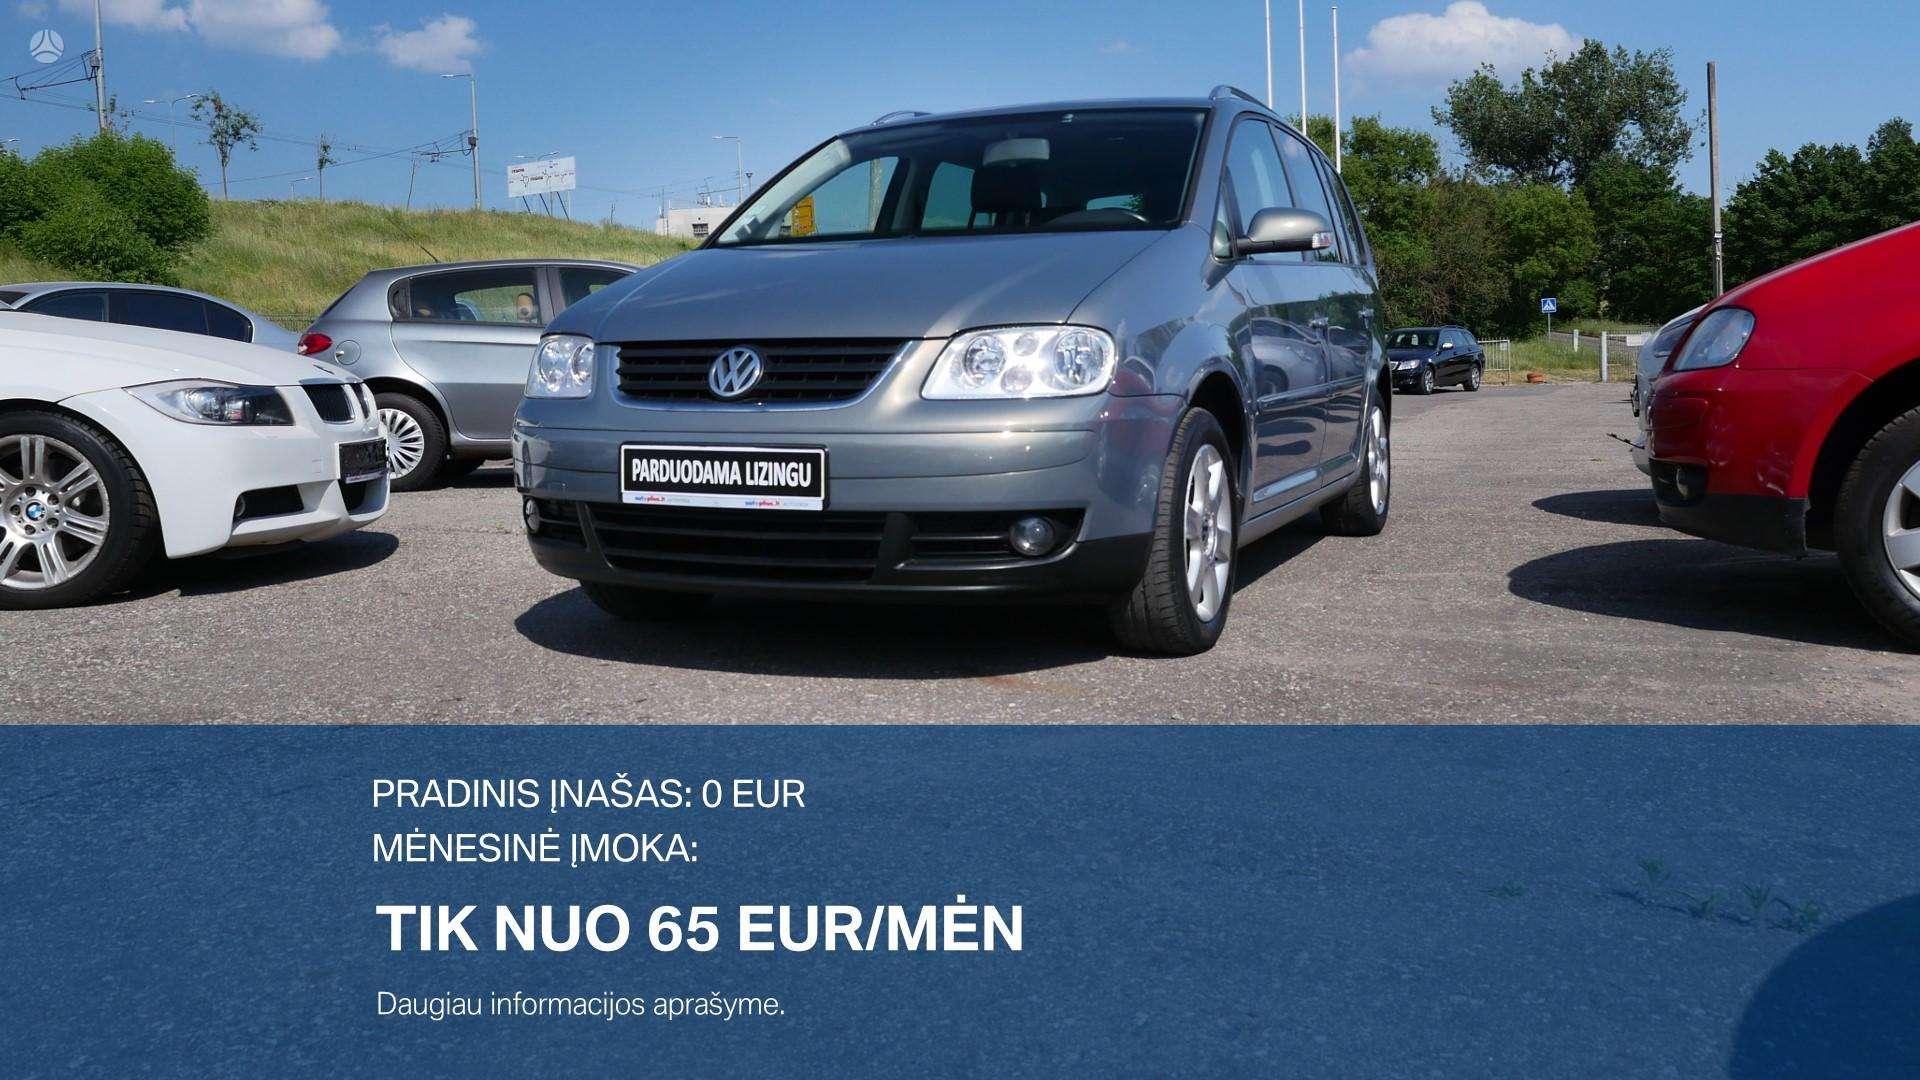 Volkswagen Touran išsimokėtinai nuo 65Eur/Mėn su 3 mėnesių garantija